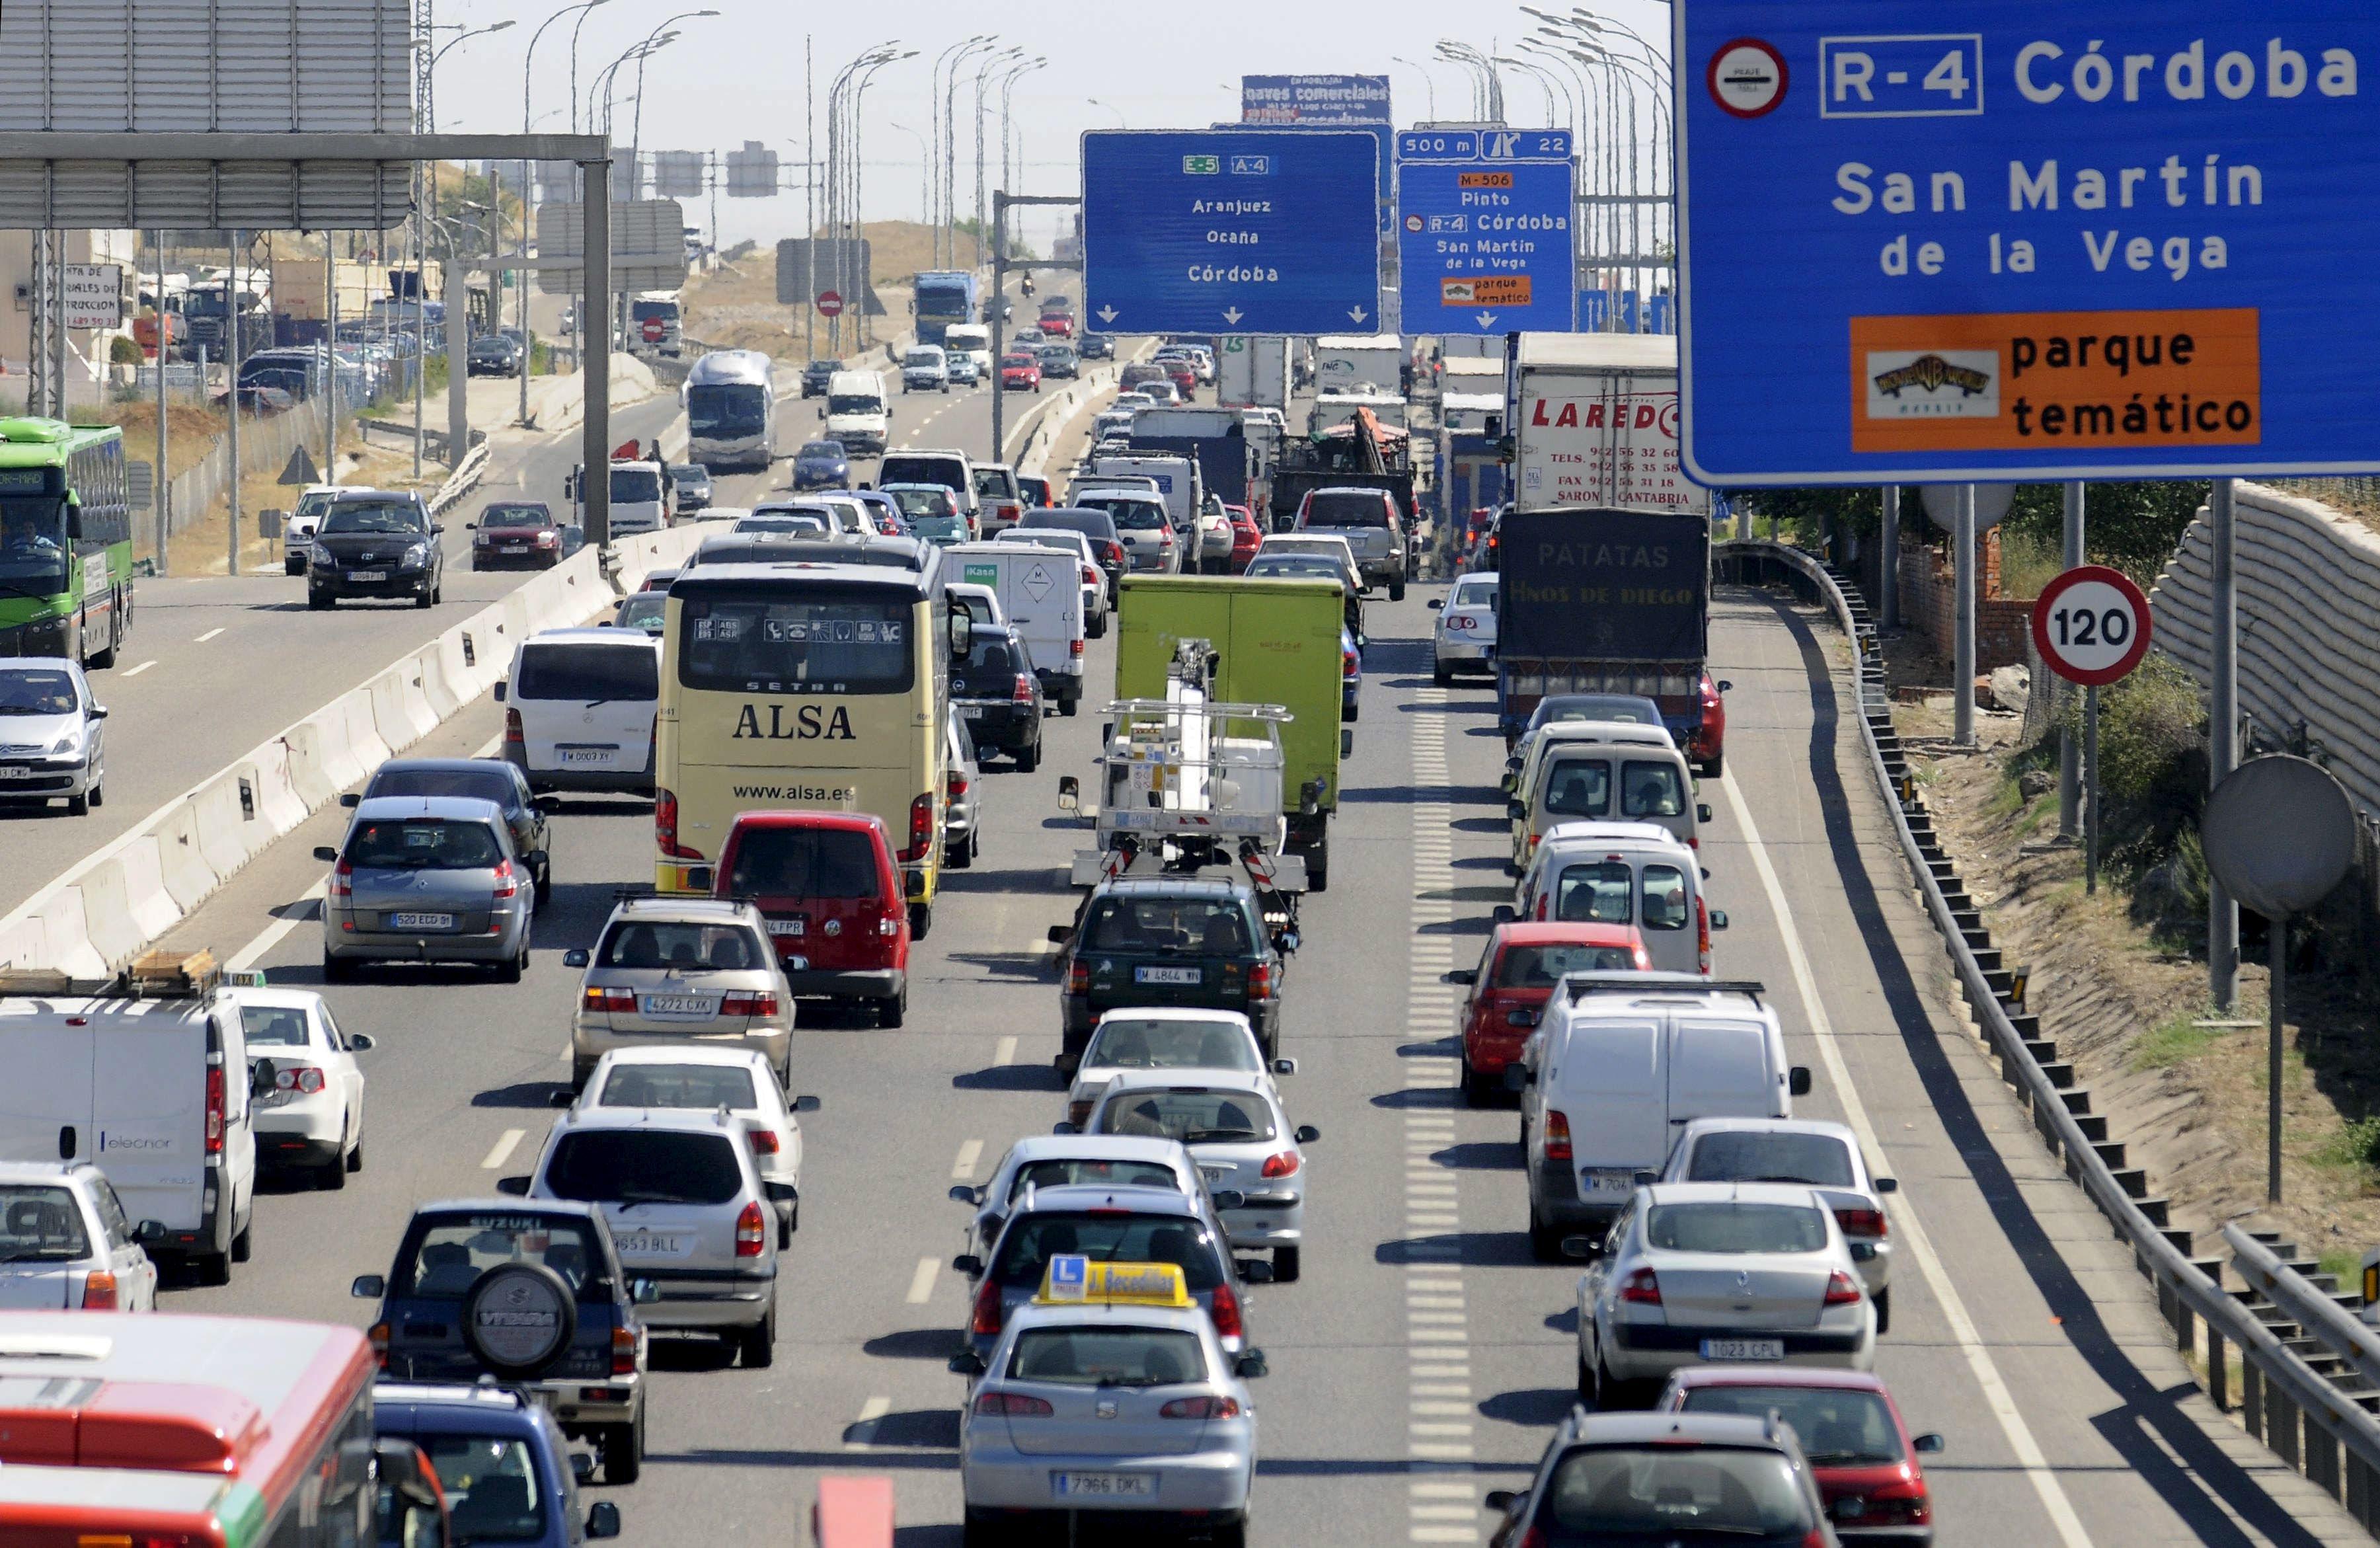 El falso protocolo de restricción de tráfico de Madrid desorienta a los conductores